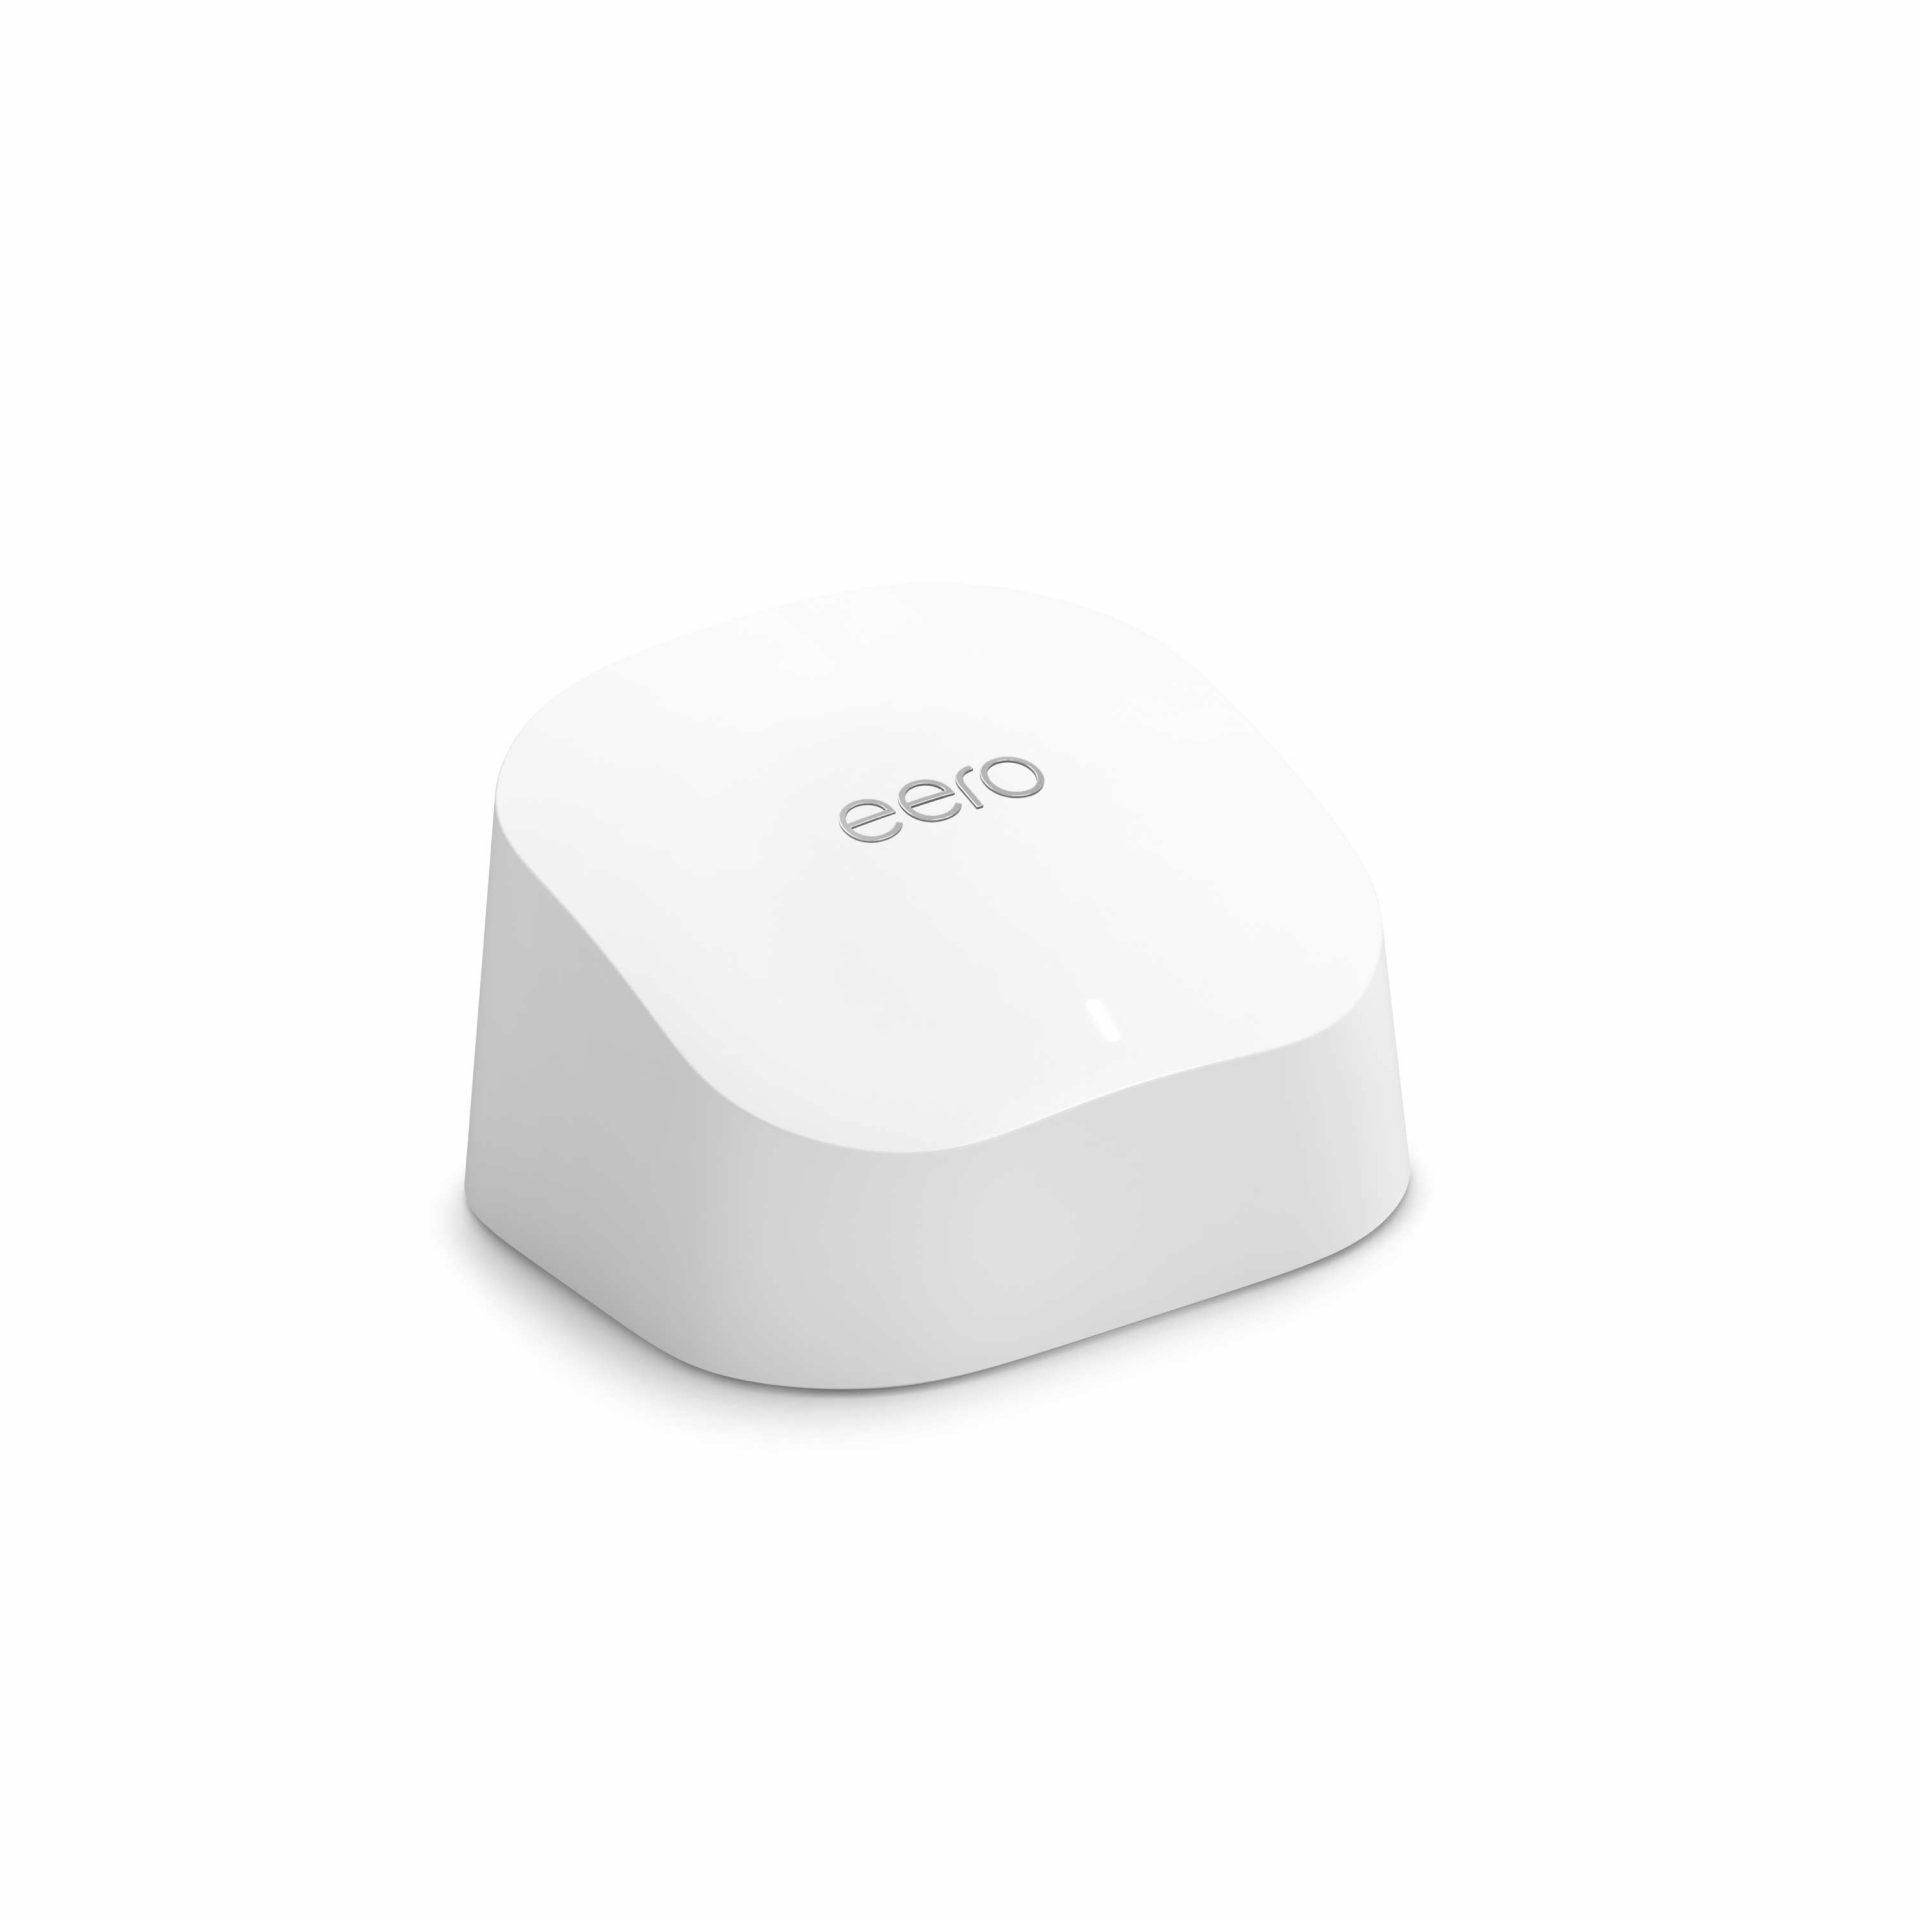 Arriva la Wi-Fi 6: Amazon presenta il nuovo sistema wifi Mesh eero 6 a partire da 149 euro